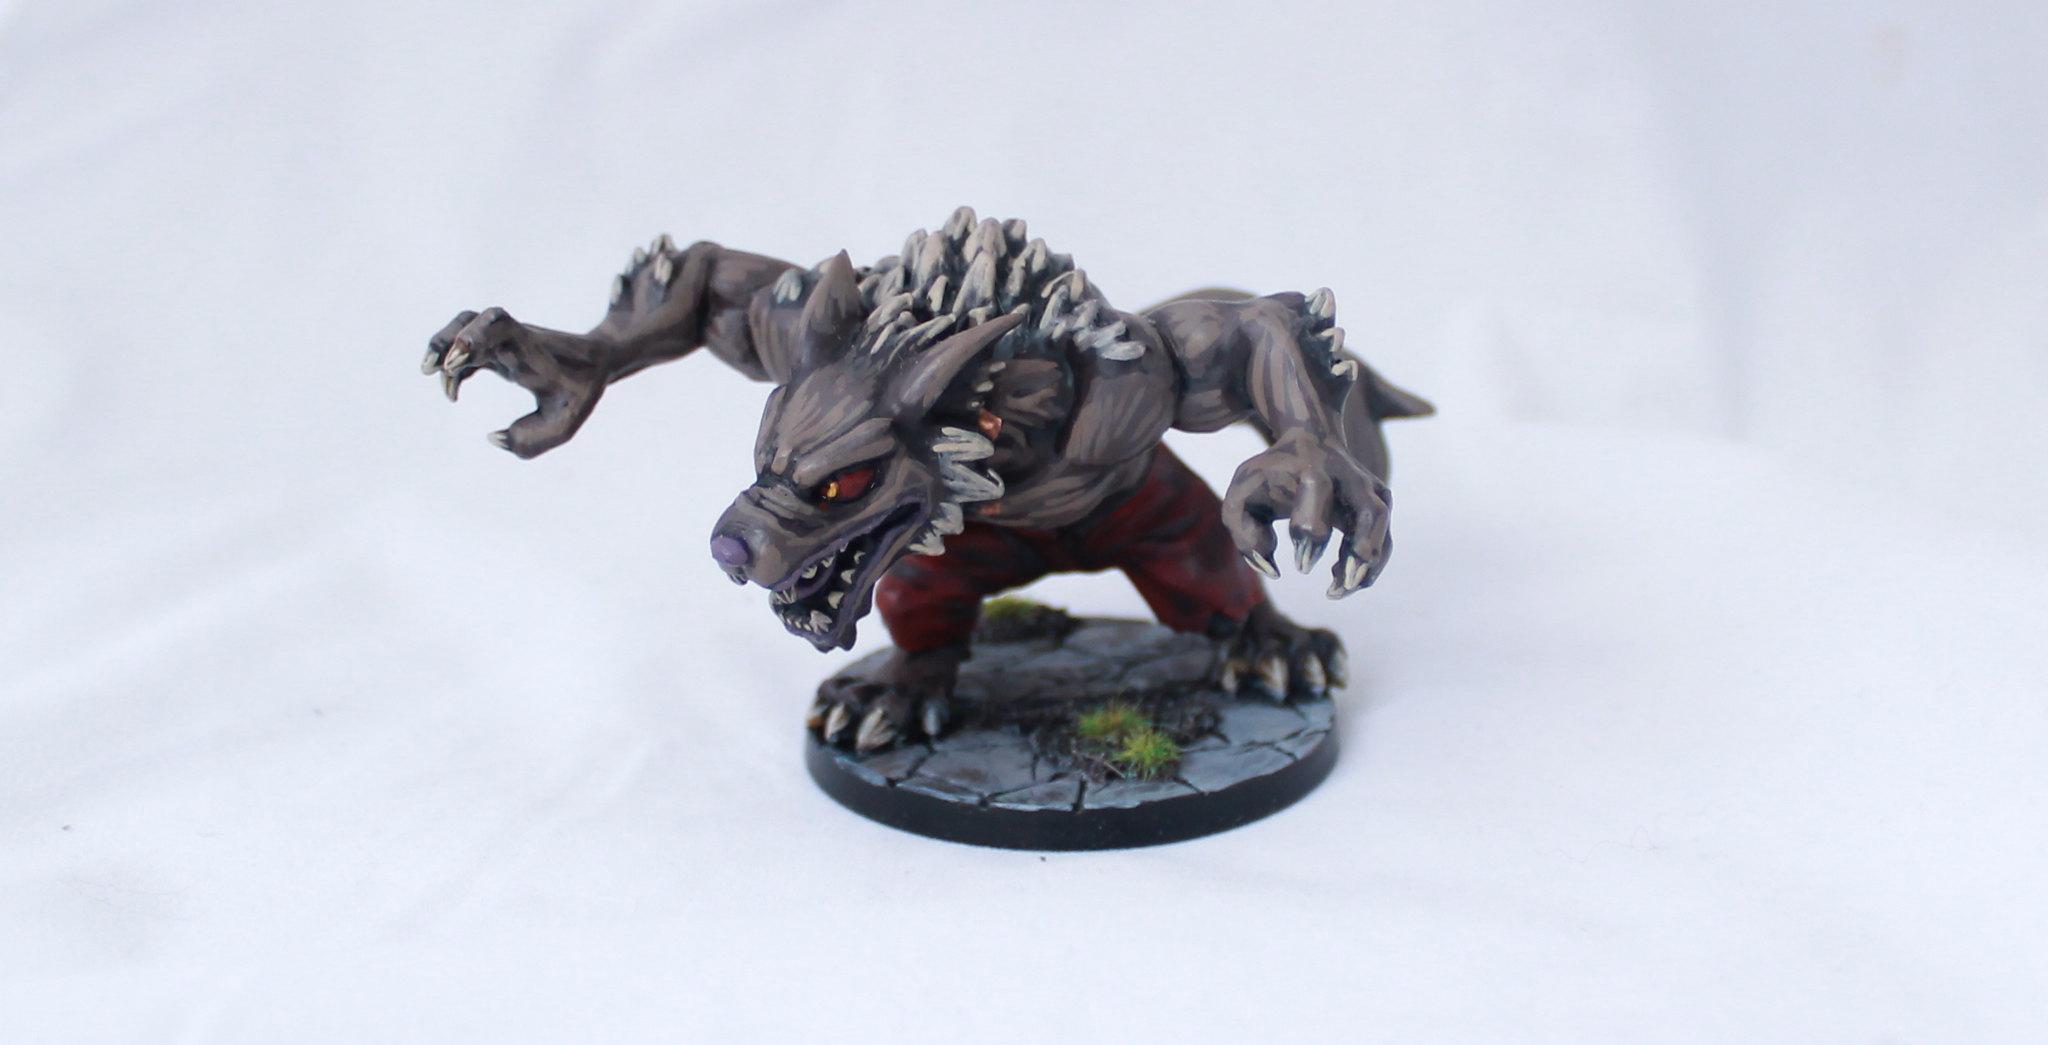 SDE Super Dungeon Explore Von Drakk Manor Von Wilder Werewolf Chibi Painted Miniature